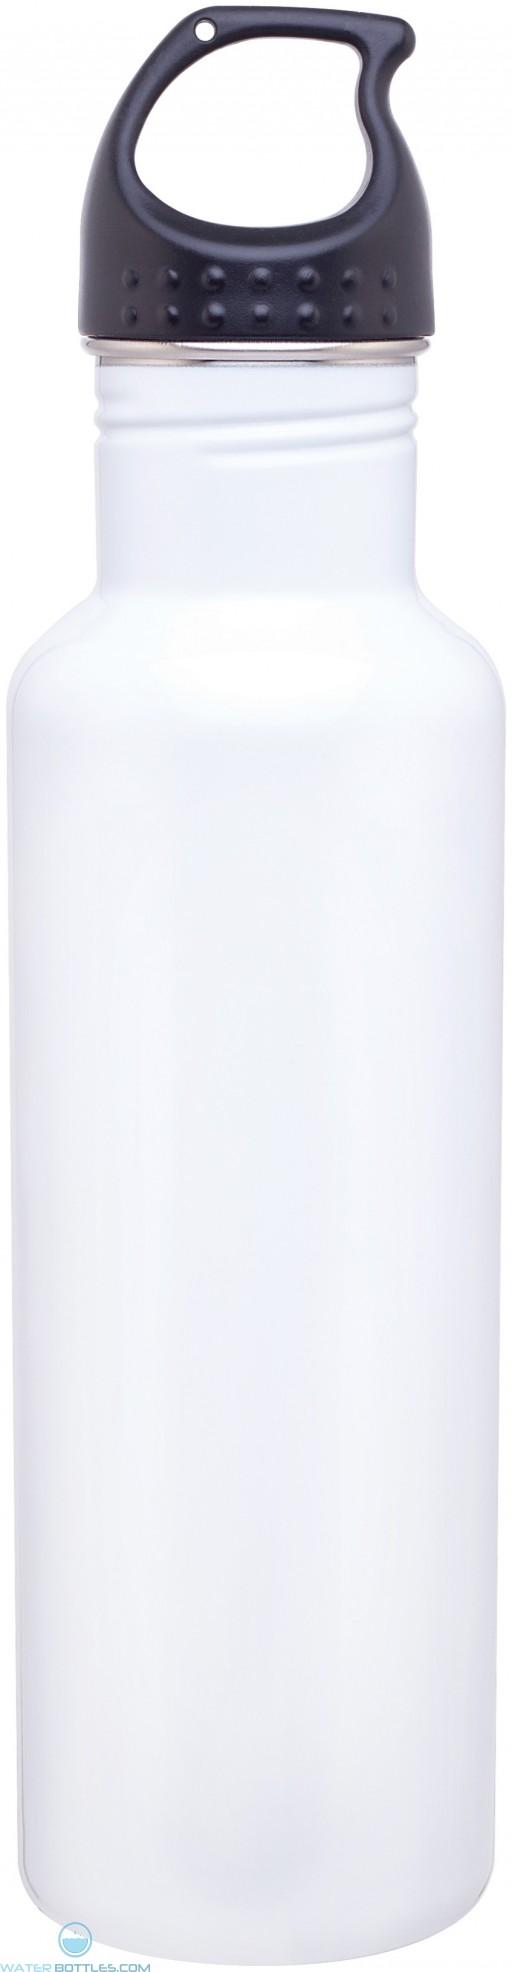 H2Go Stainless Steel Bolt   24 oz - White